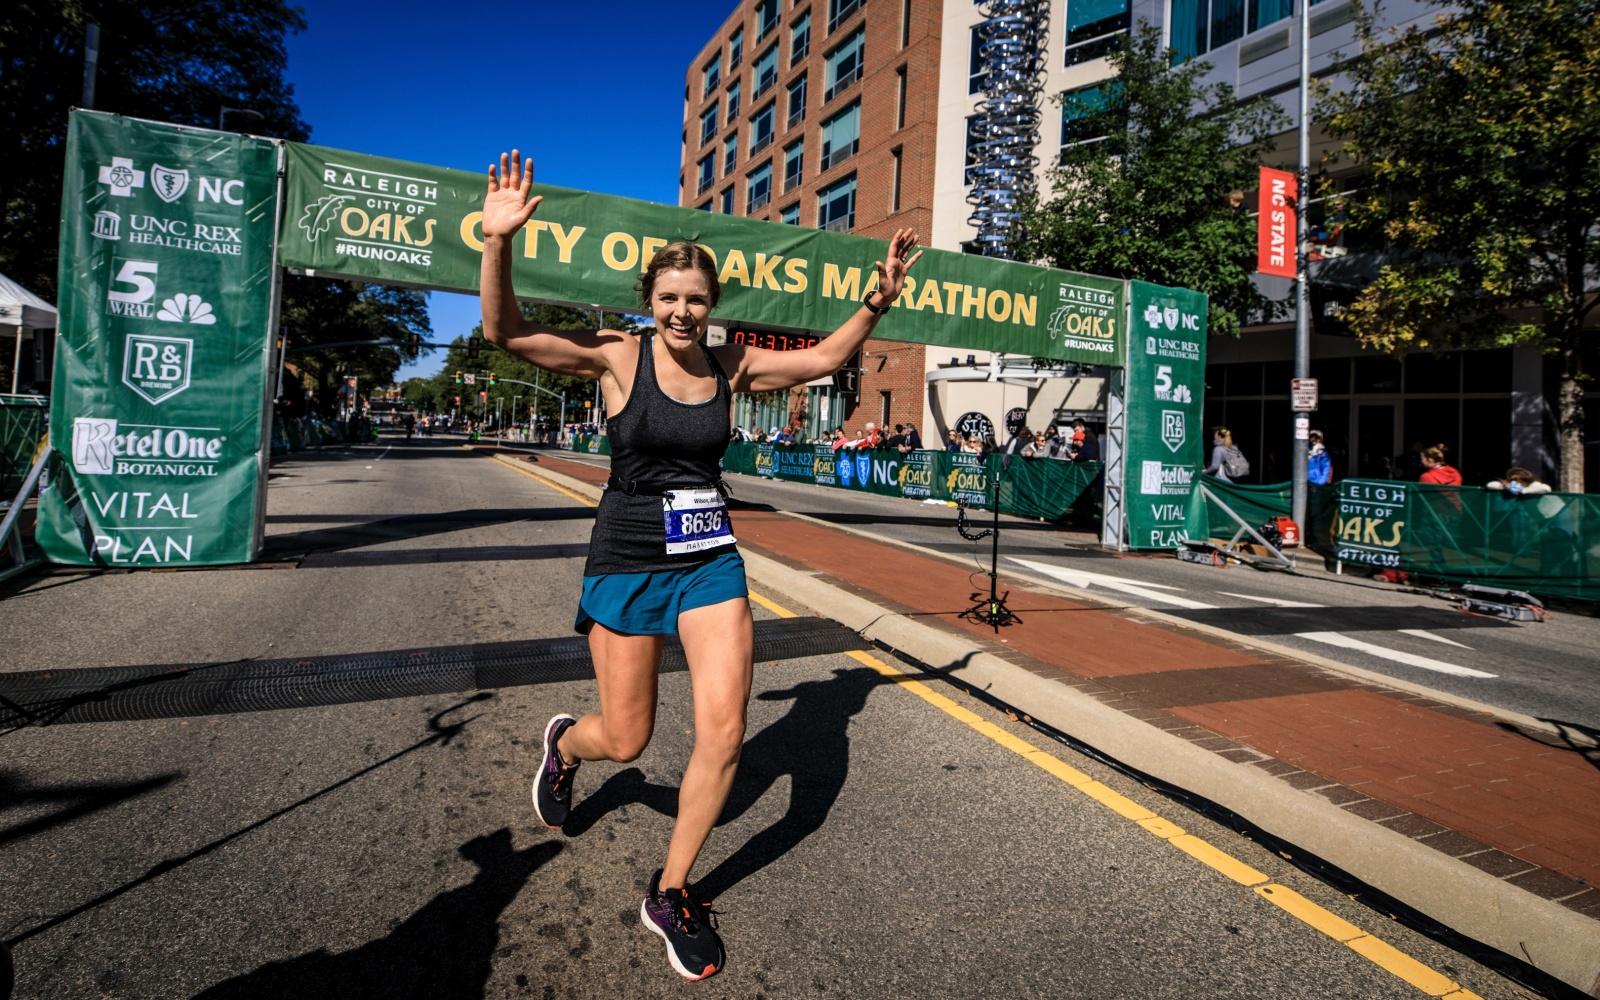 runner esulta all'arrivo della maratona